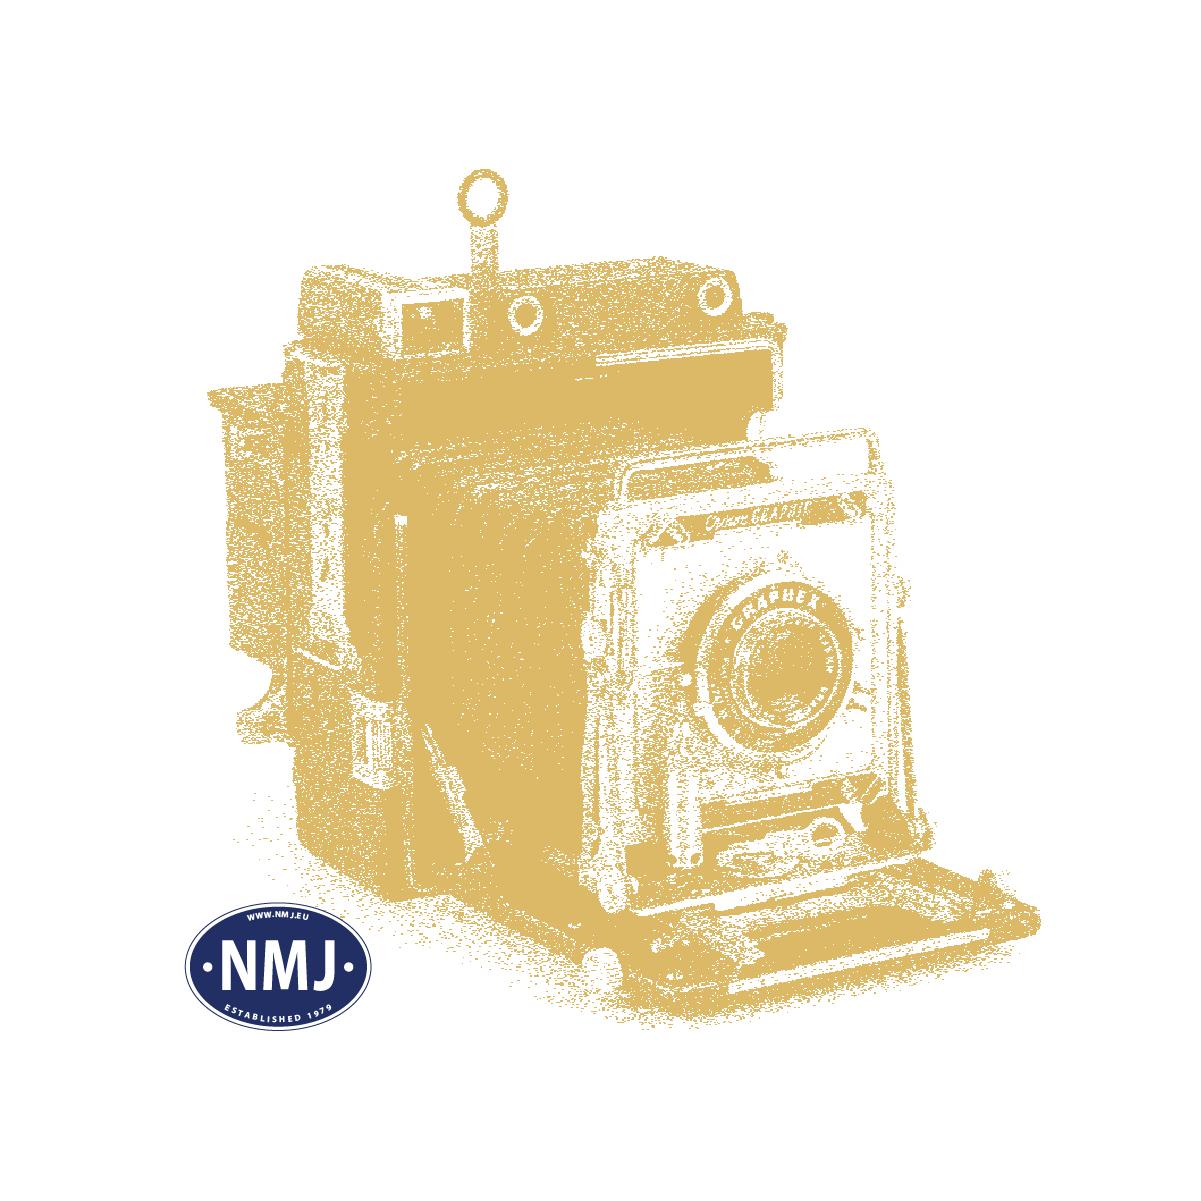 NMJ025002 - NMJ Superline NSB B10 25002